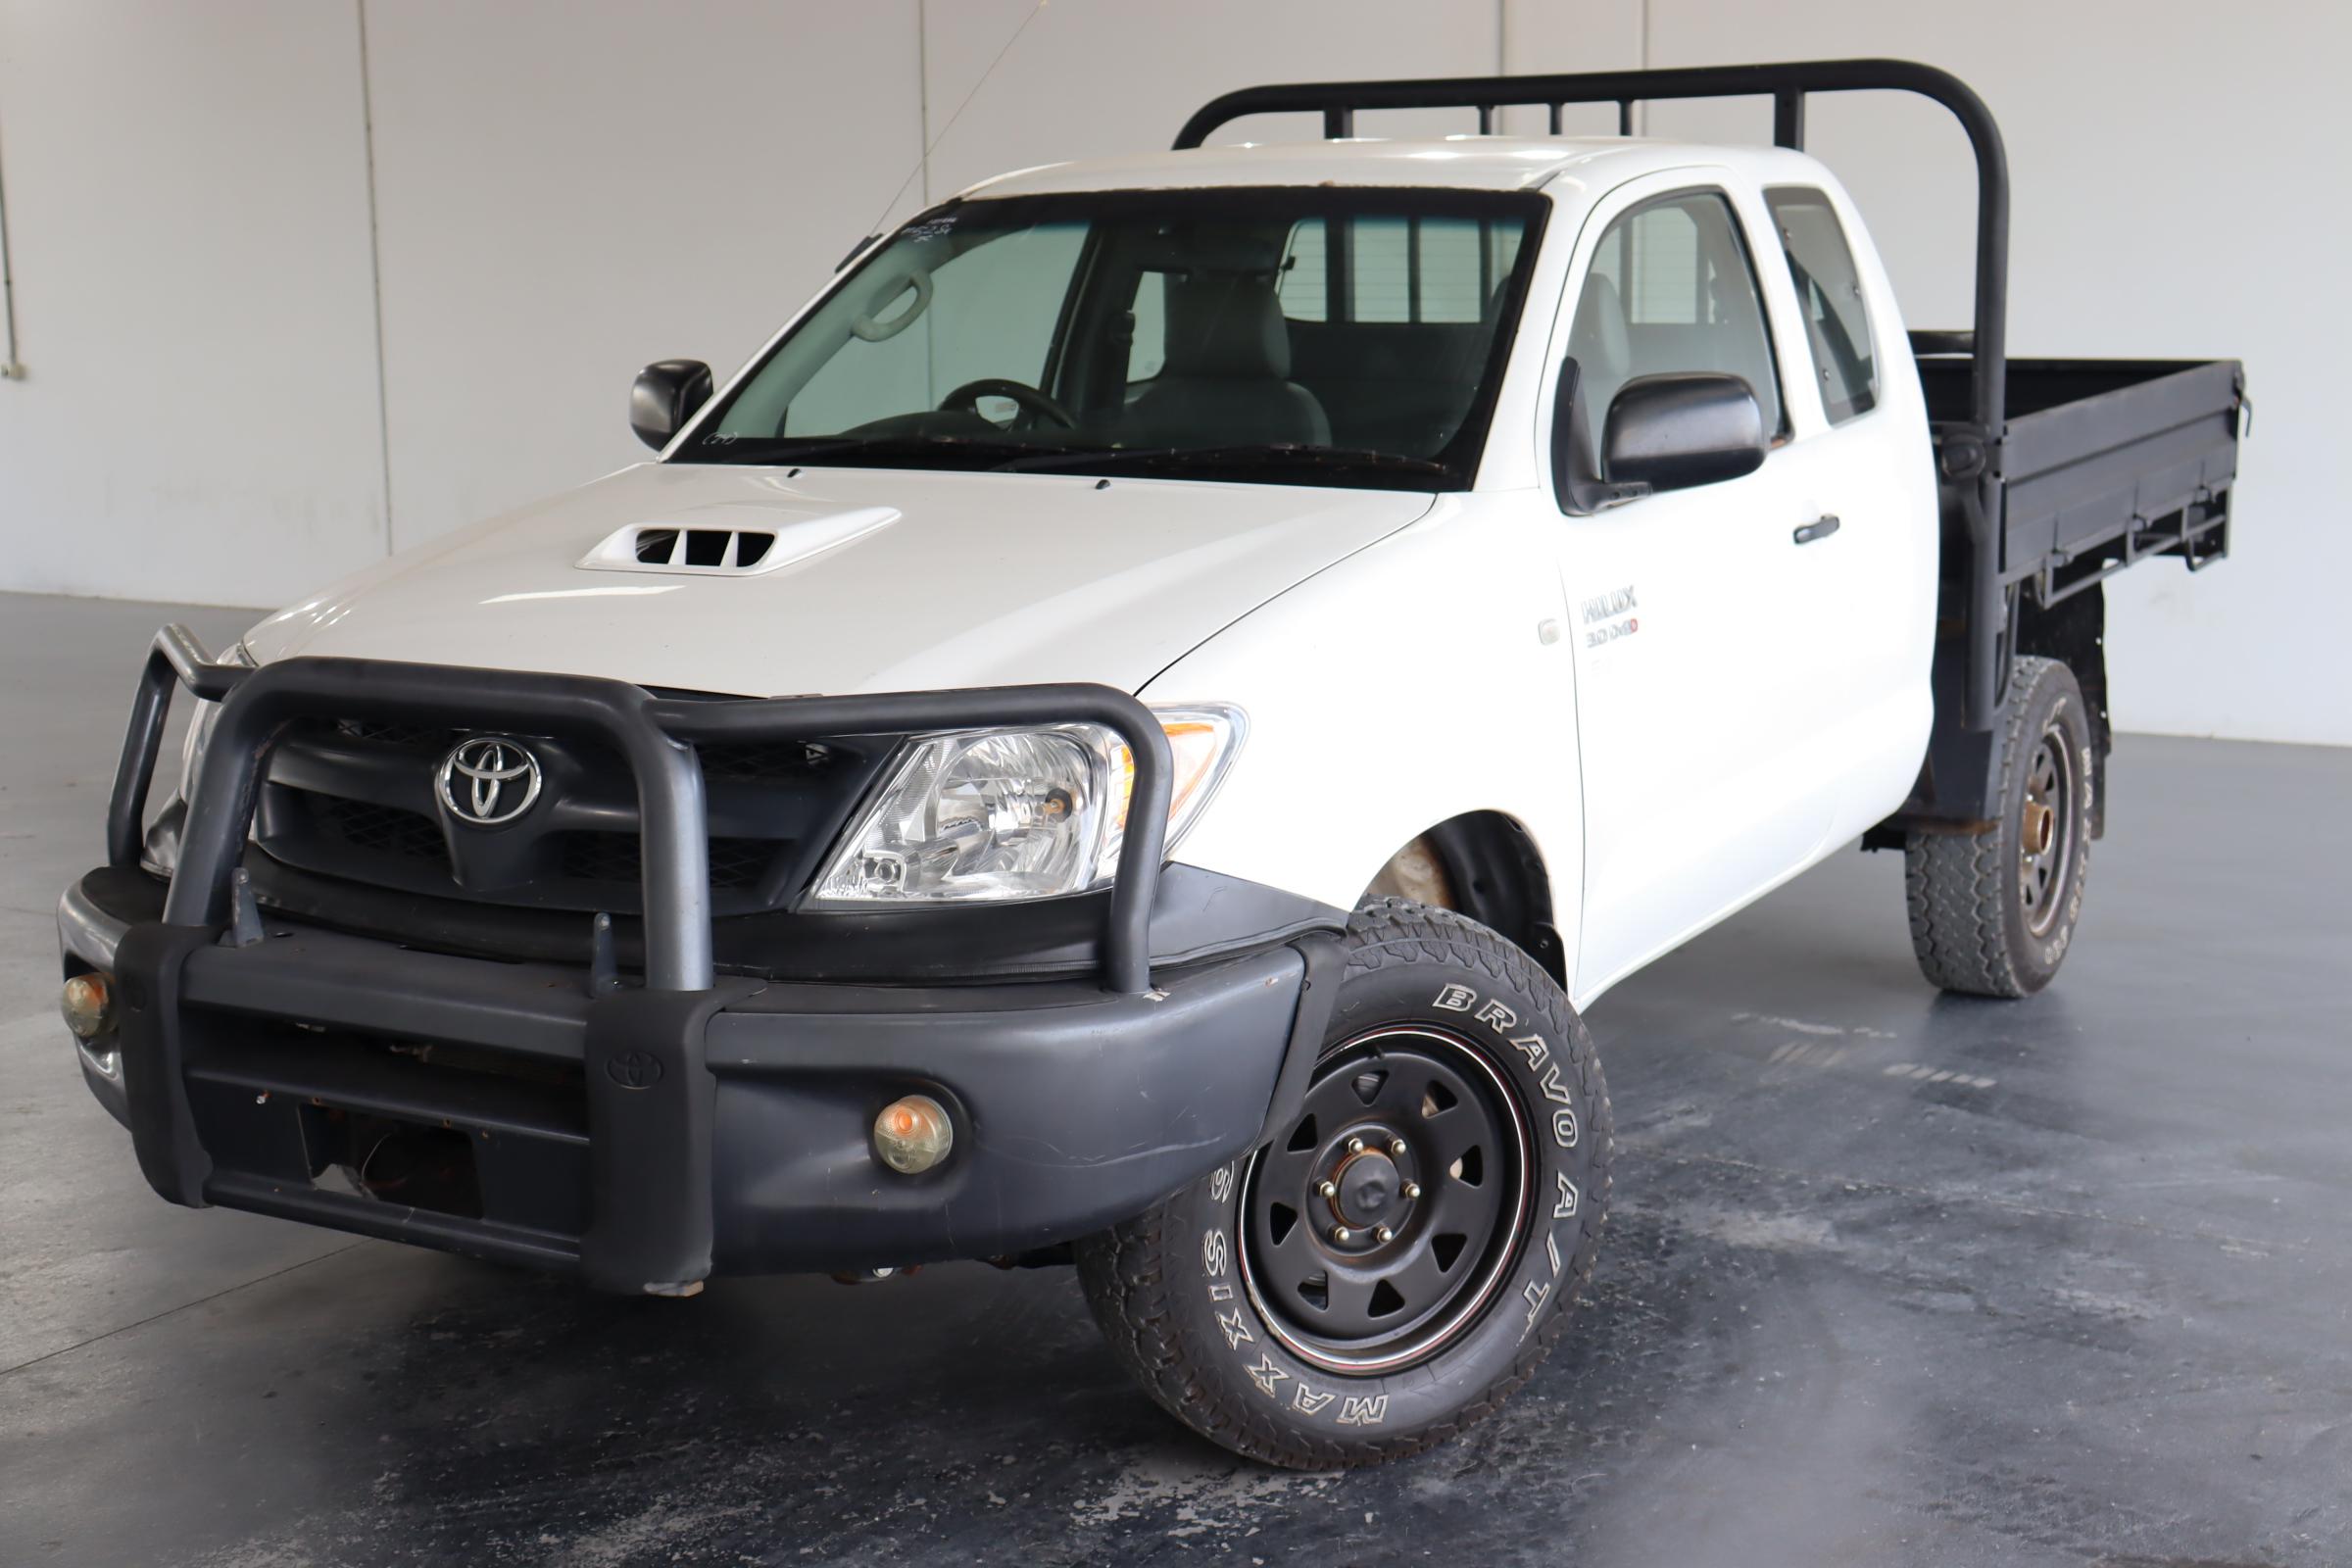 2005 Toyota Hilux SR (4x4) KUN26R T/D Manual Ute(RWC issued on 19 Feb 2021)